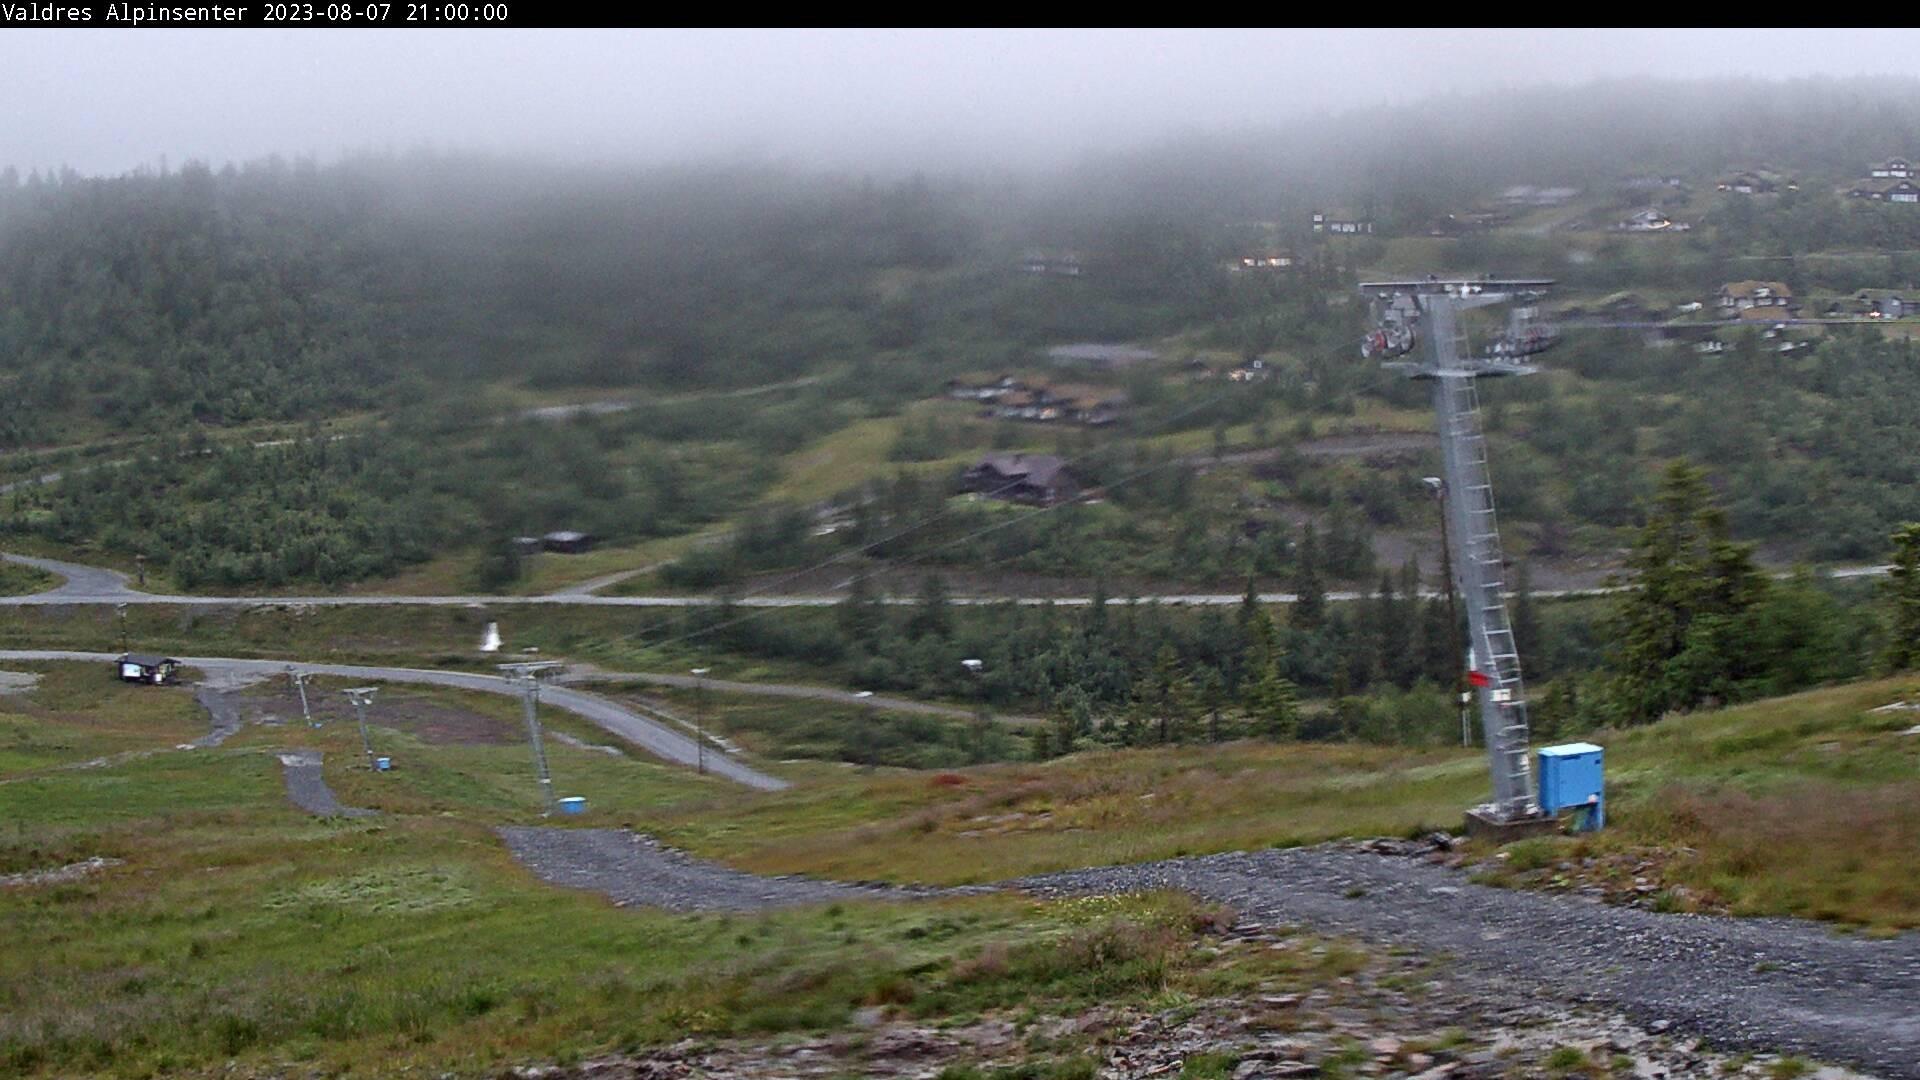 Webkamera Fjellstølheisen i Valdres Alpinsenter